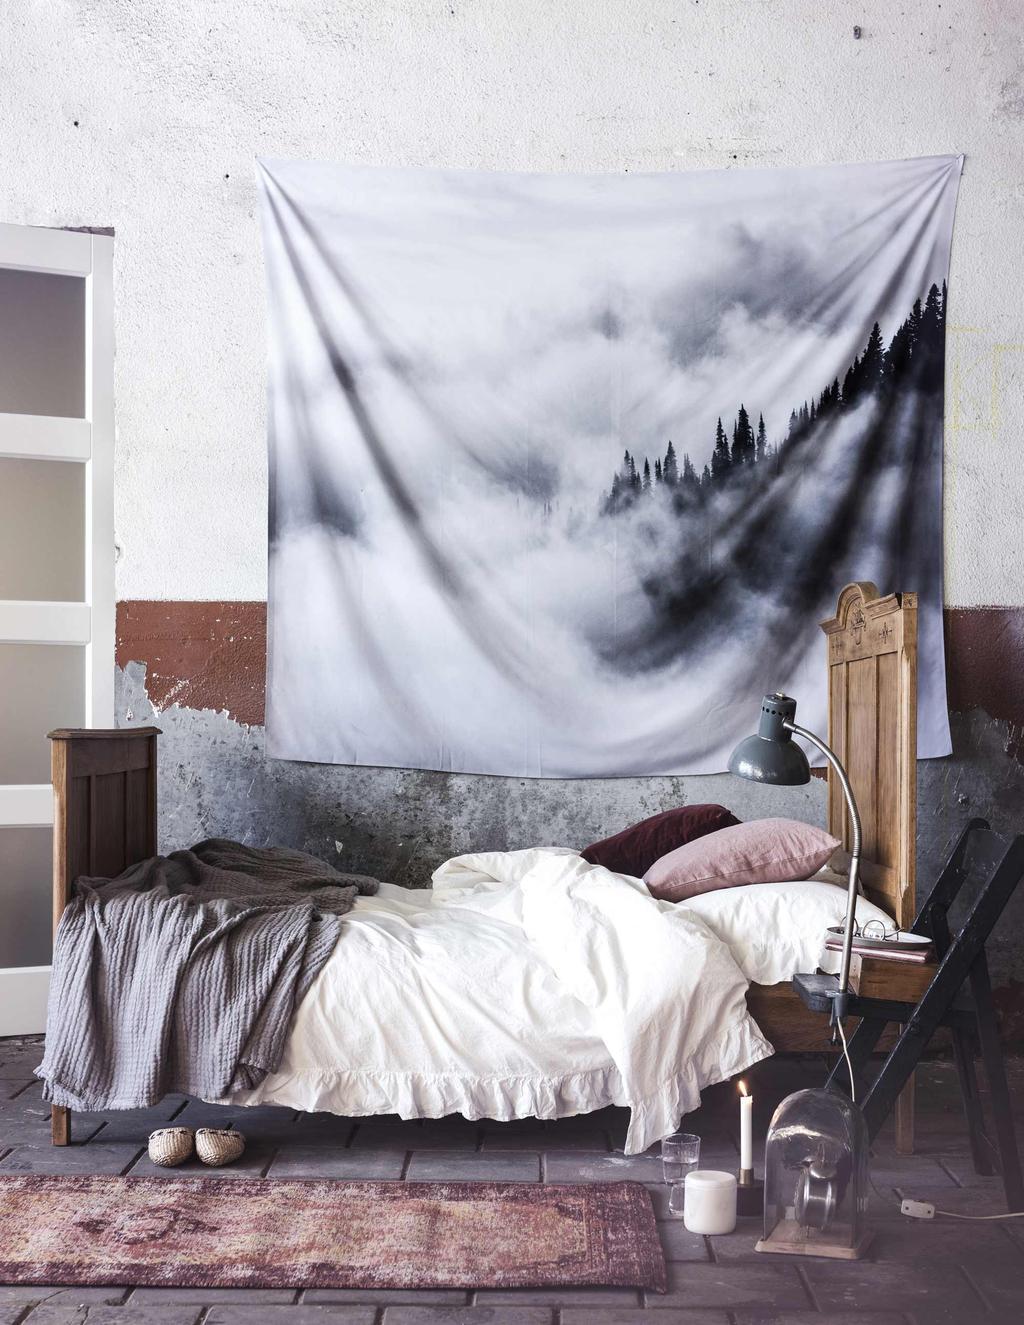 Slaapkamer - Stenen muur - Bed